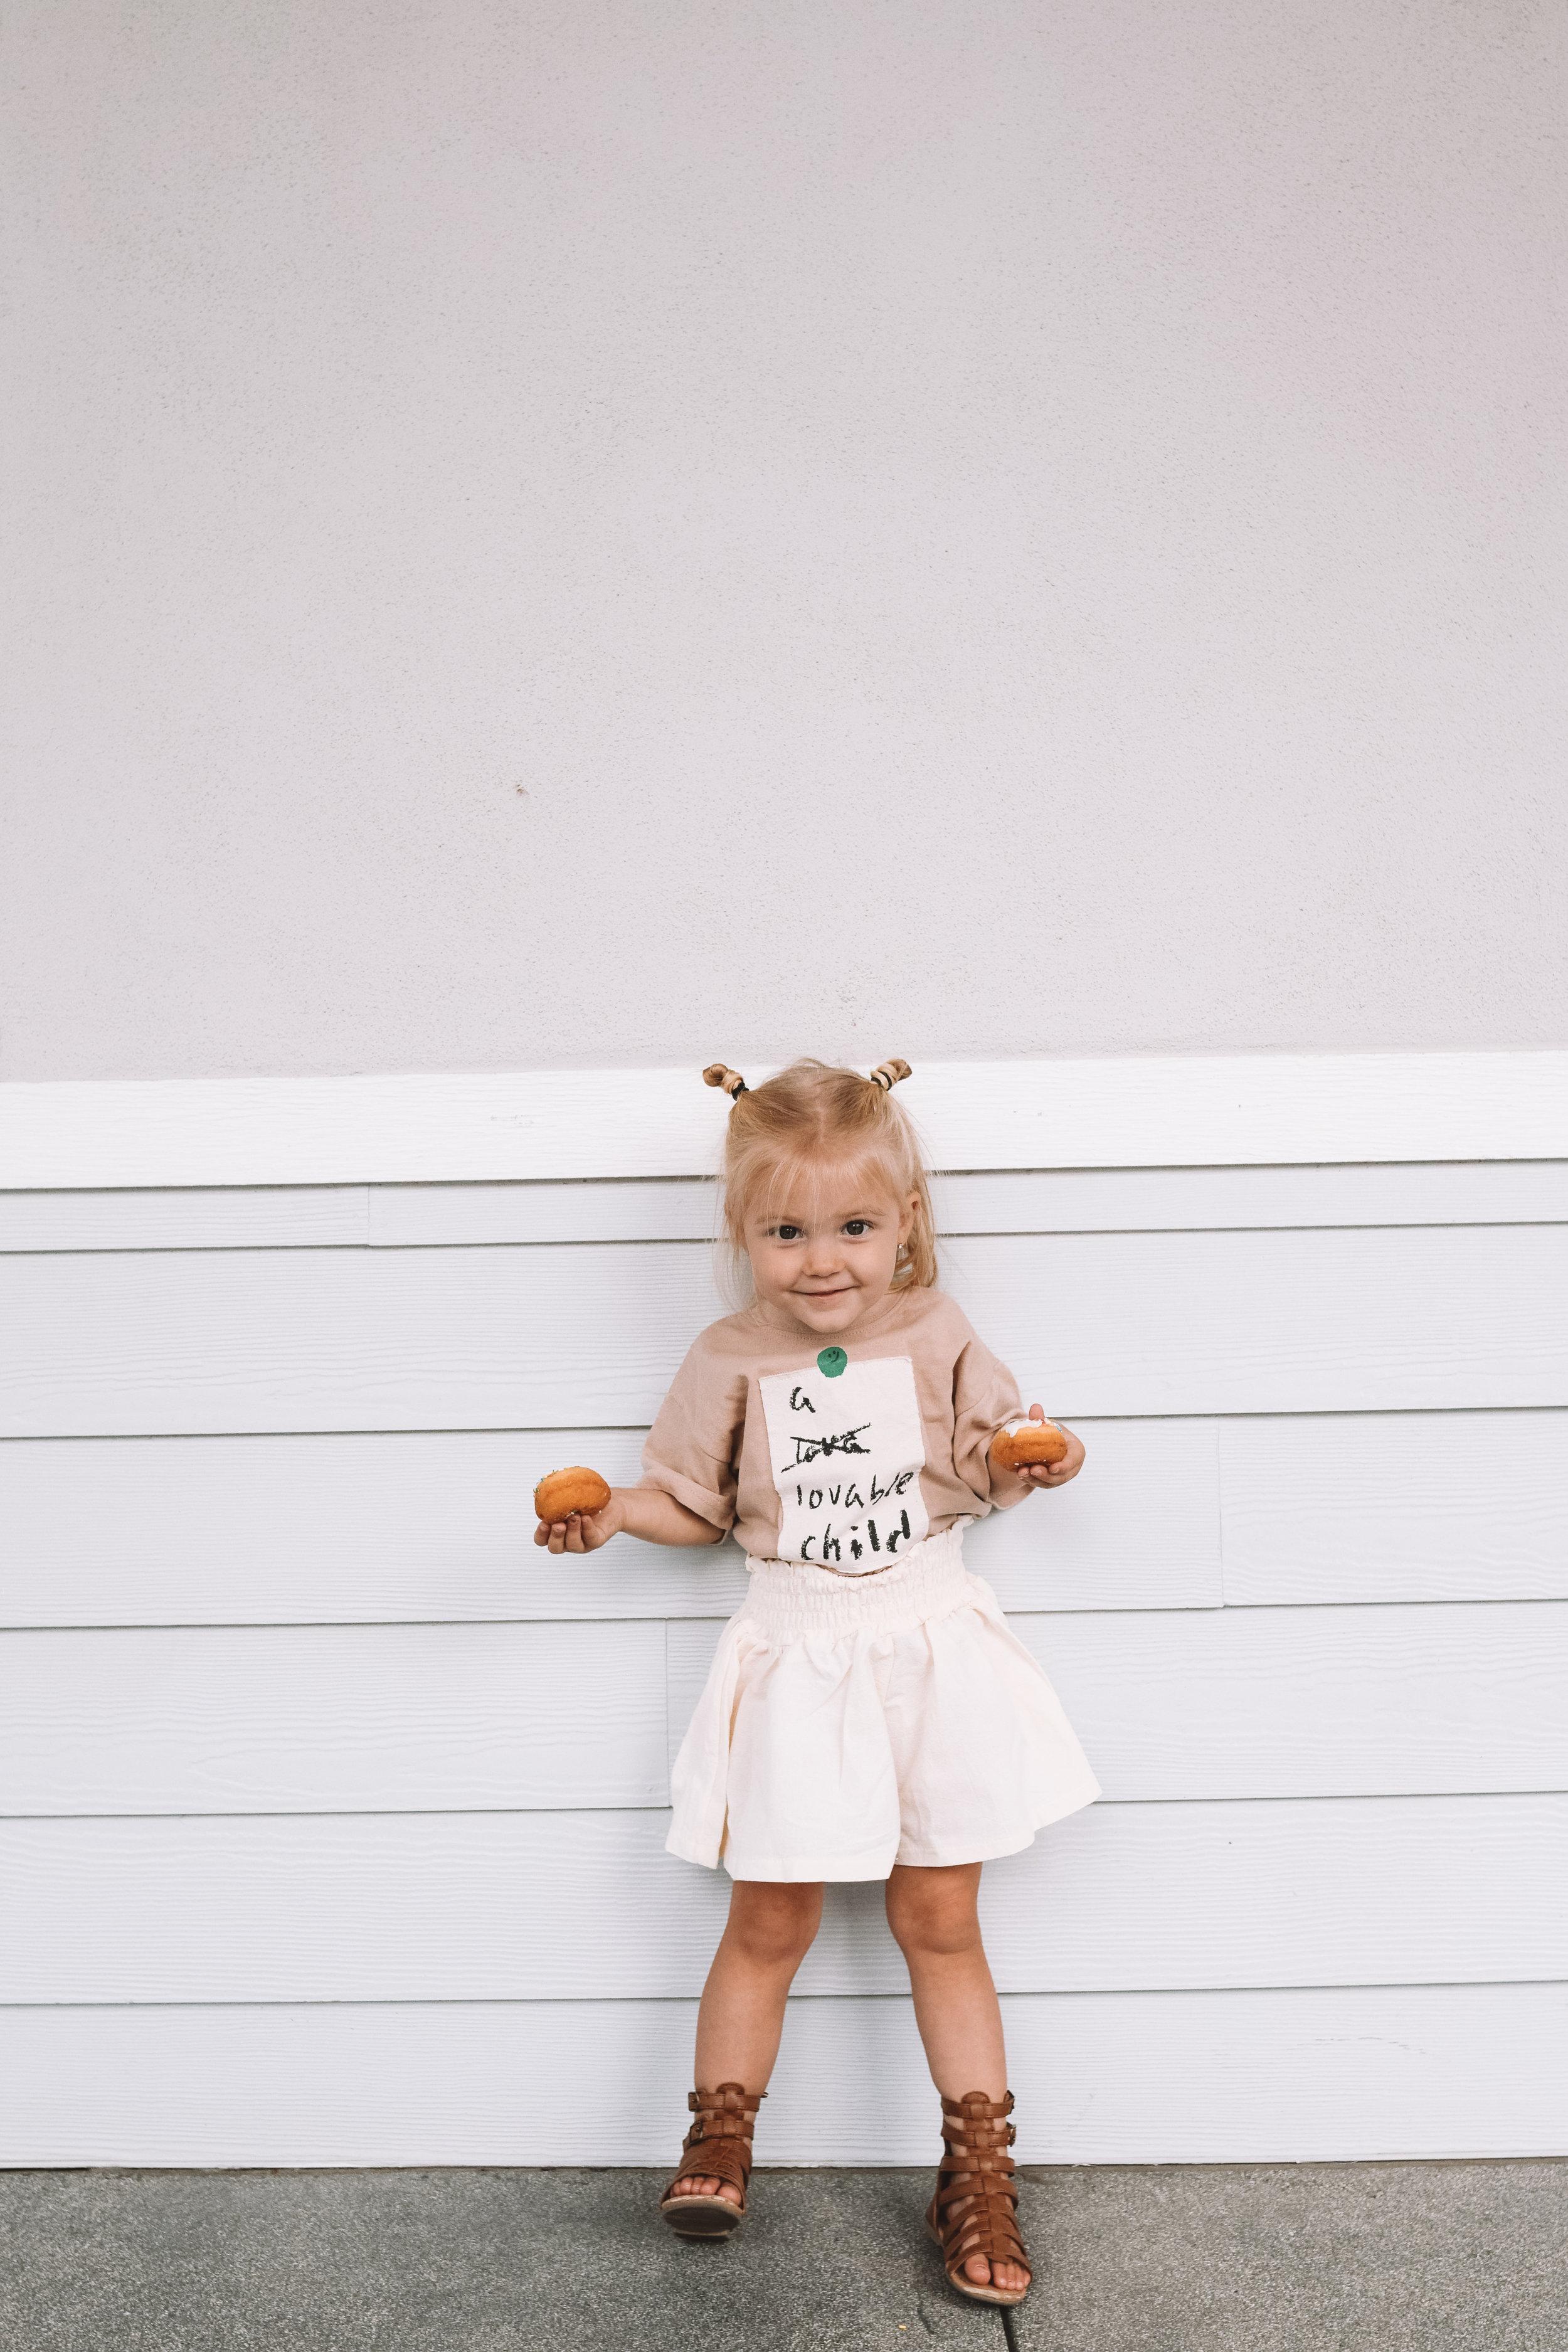 Cute Kids Clothes - Kids Clothes Subscription Box - Chou La La